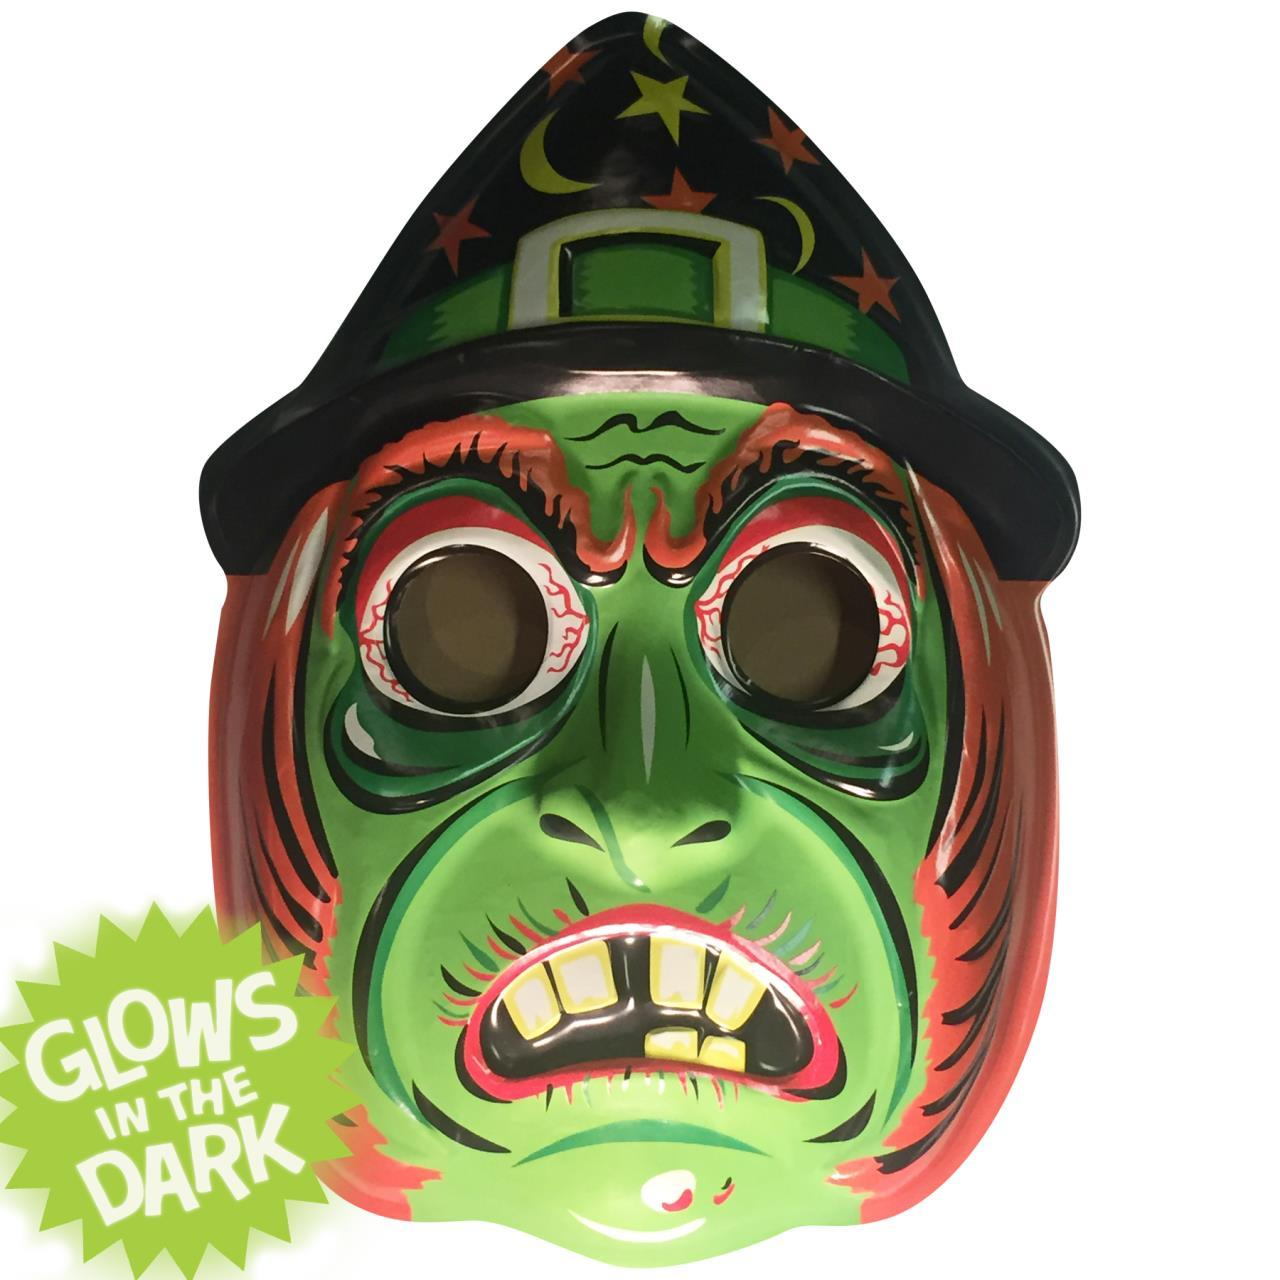 869838b663d Classic Witch Vac-tastic Plastic Mask Wall Decor